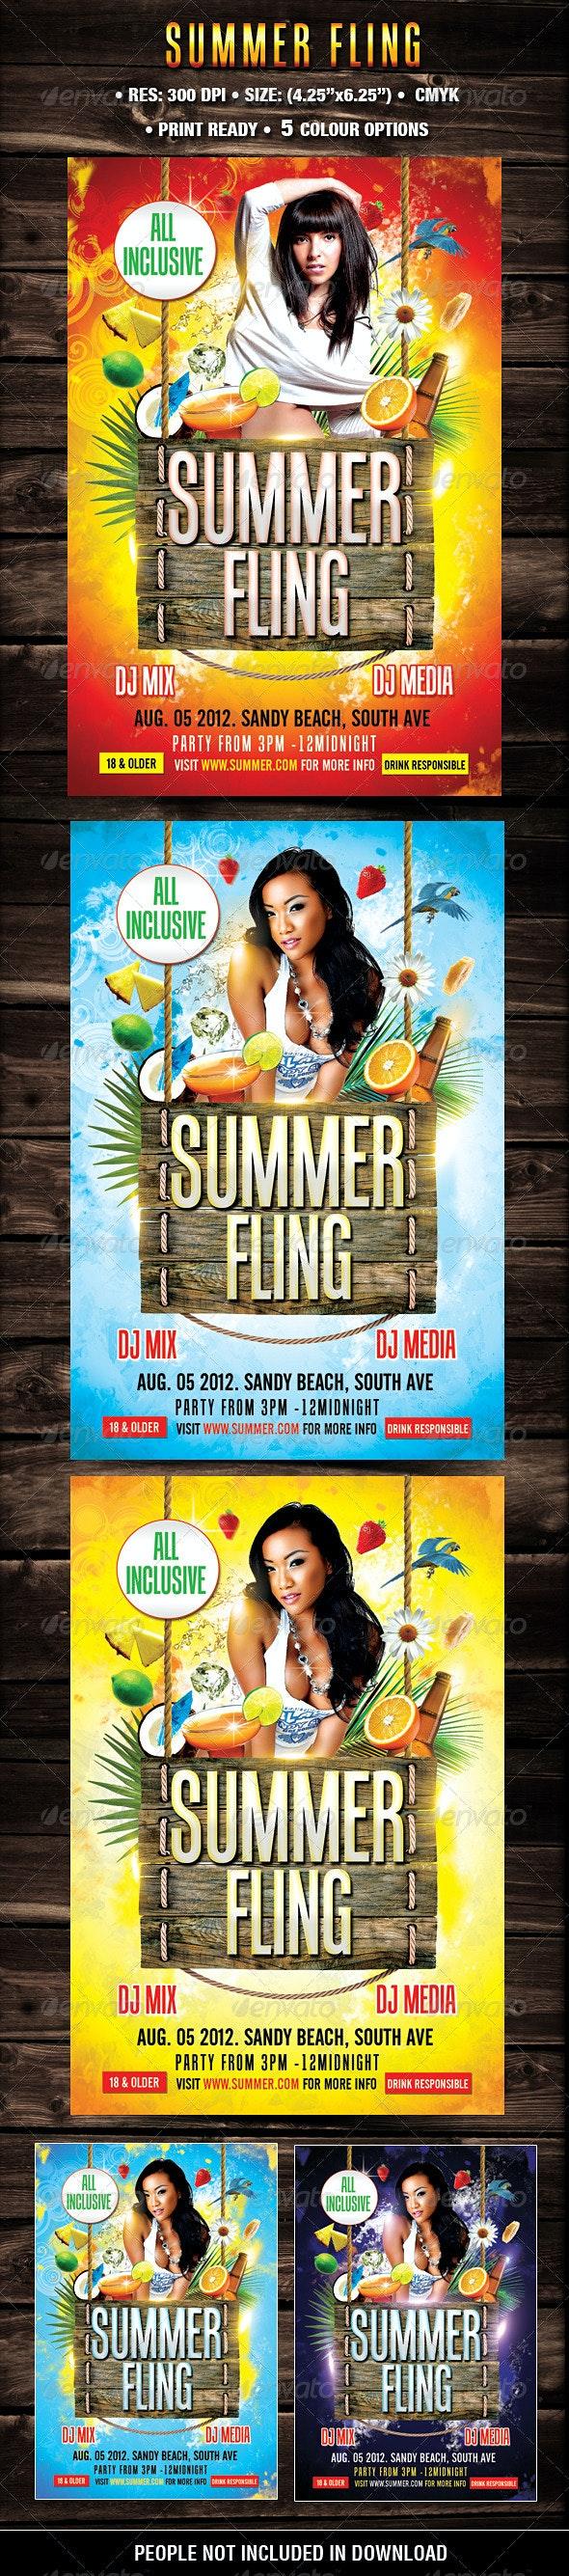 Summer Fling Template - Flyers Print Templates